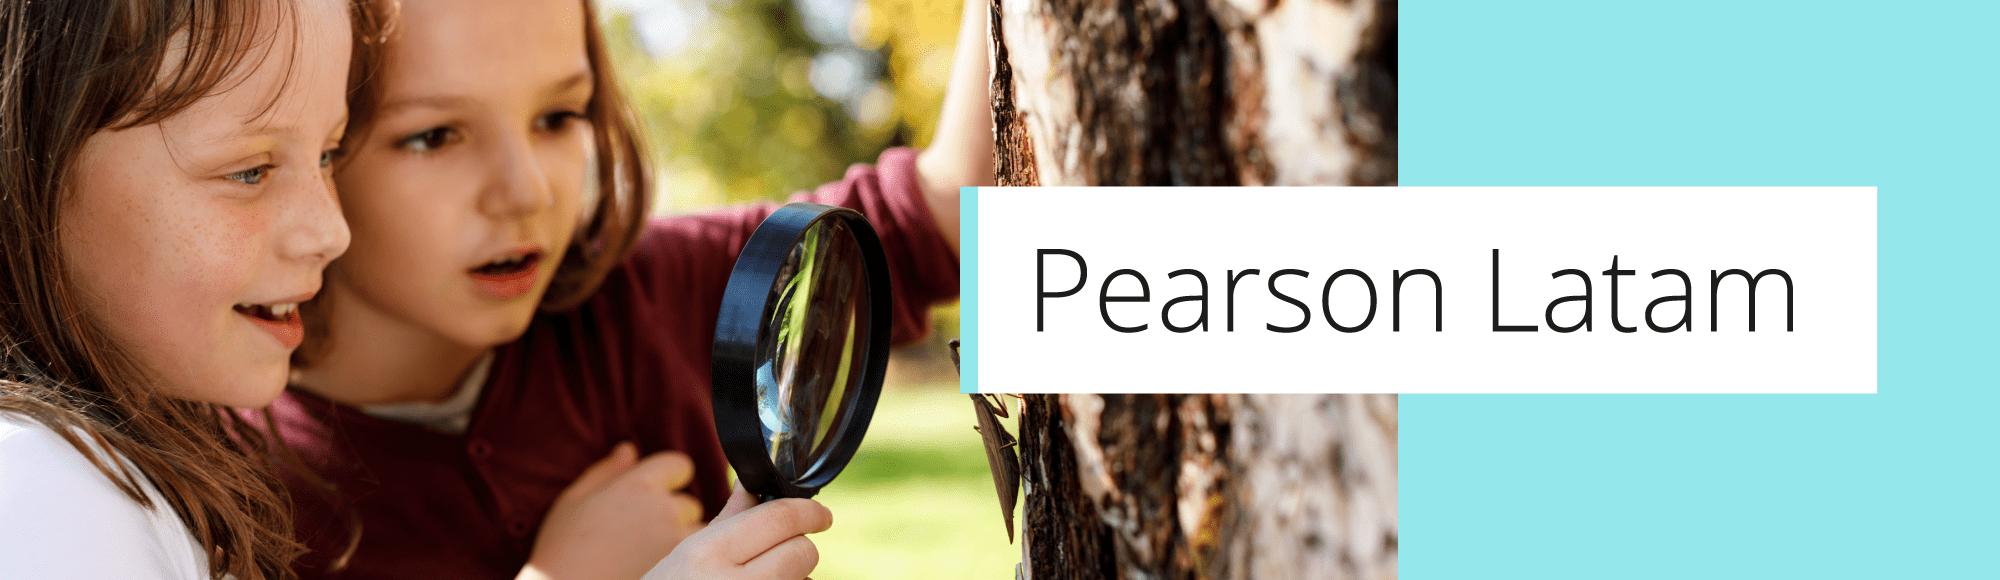 pearson-latam